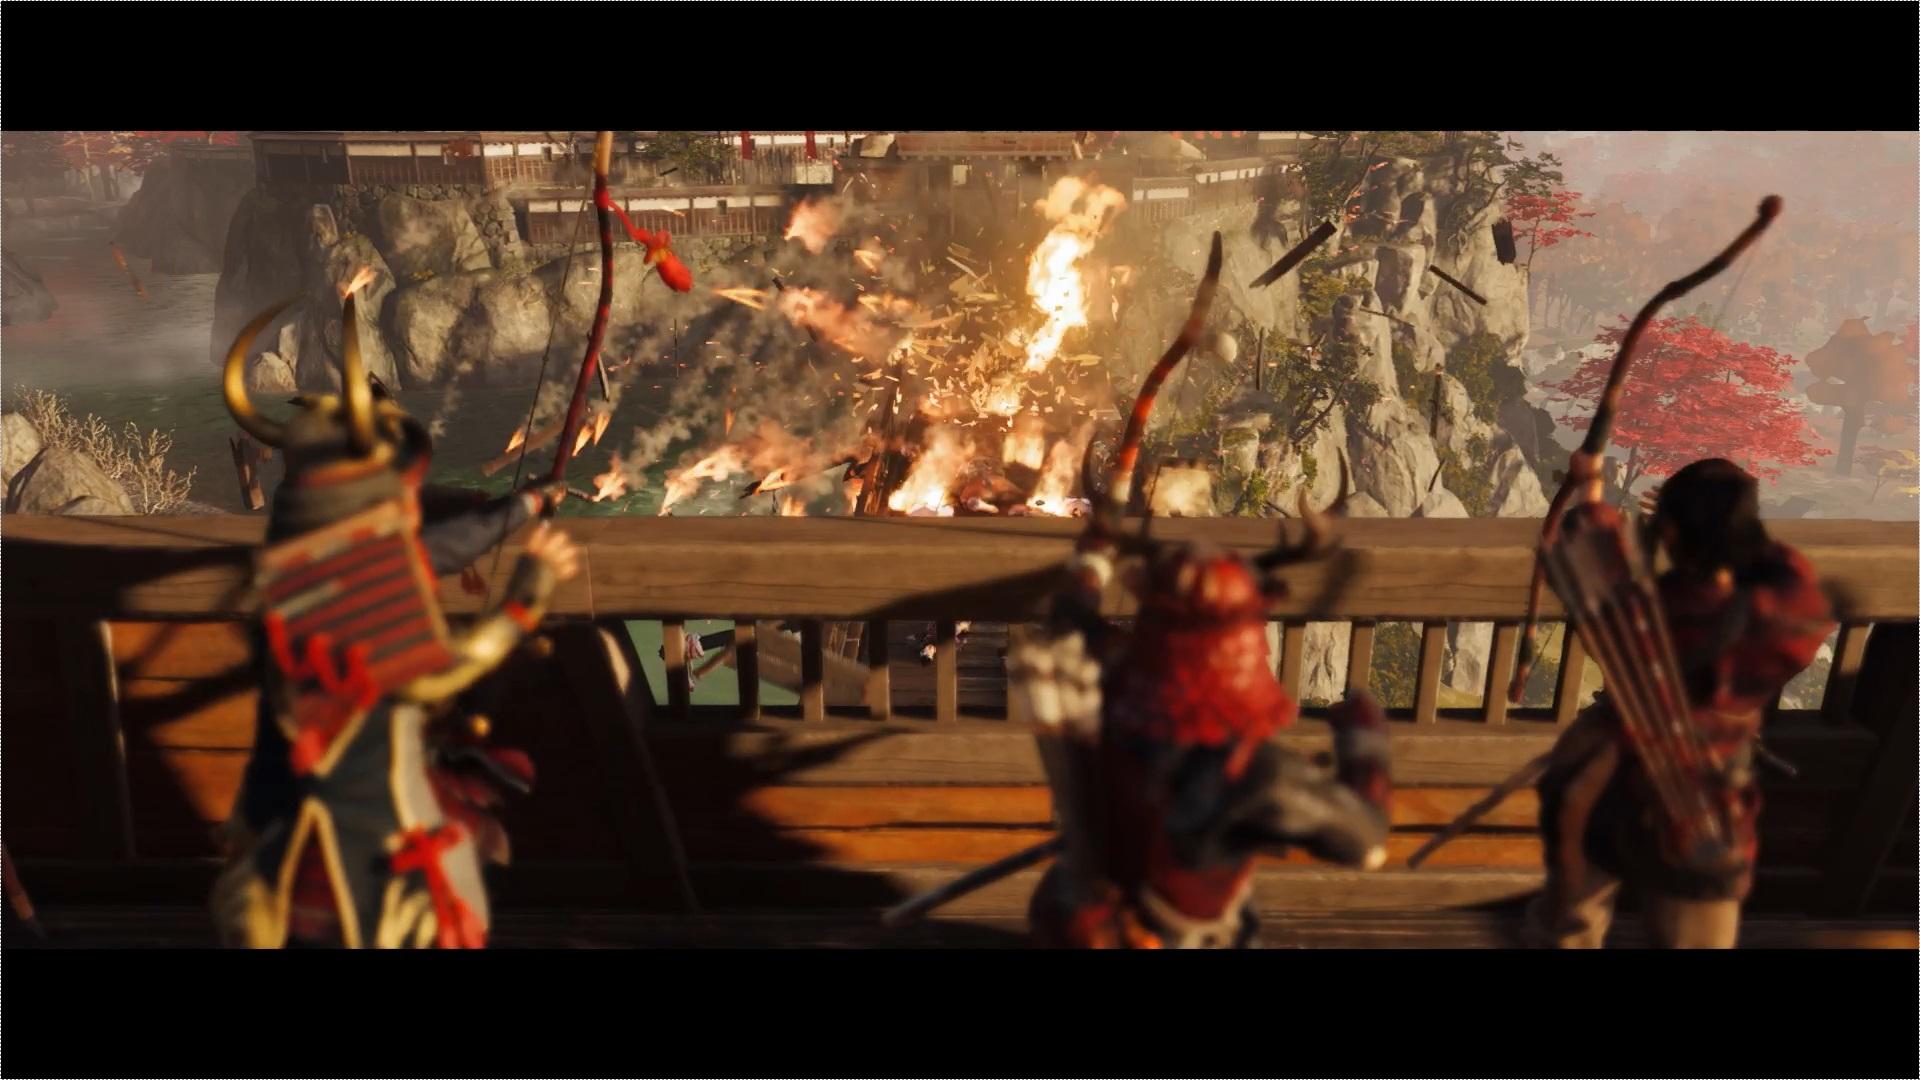 ハーンの作戦にはまってしまう志村殿。多くの兵を失ってしまう。